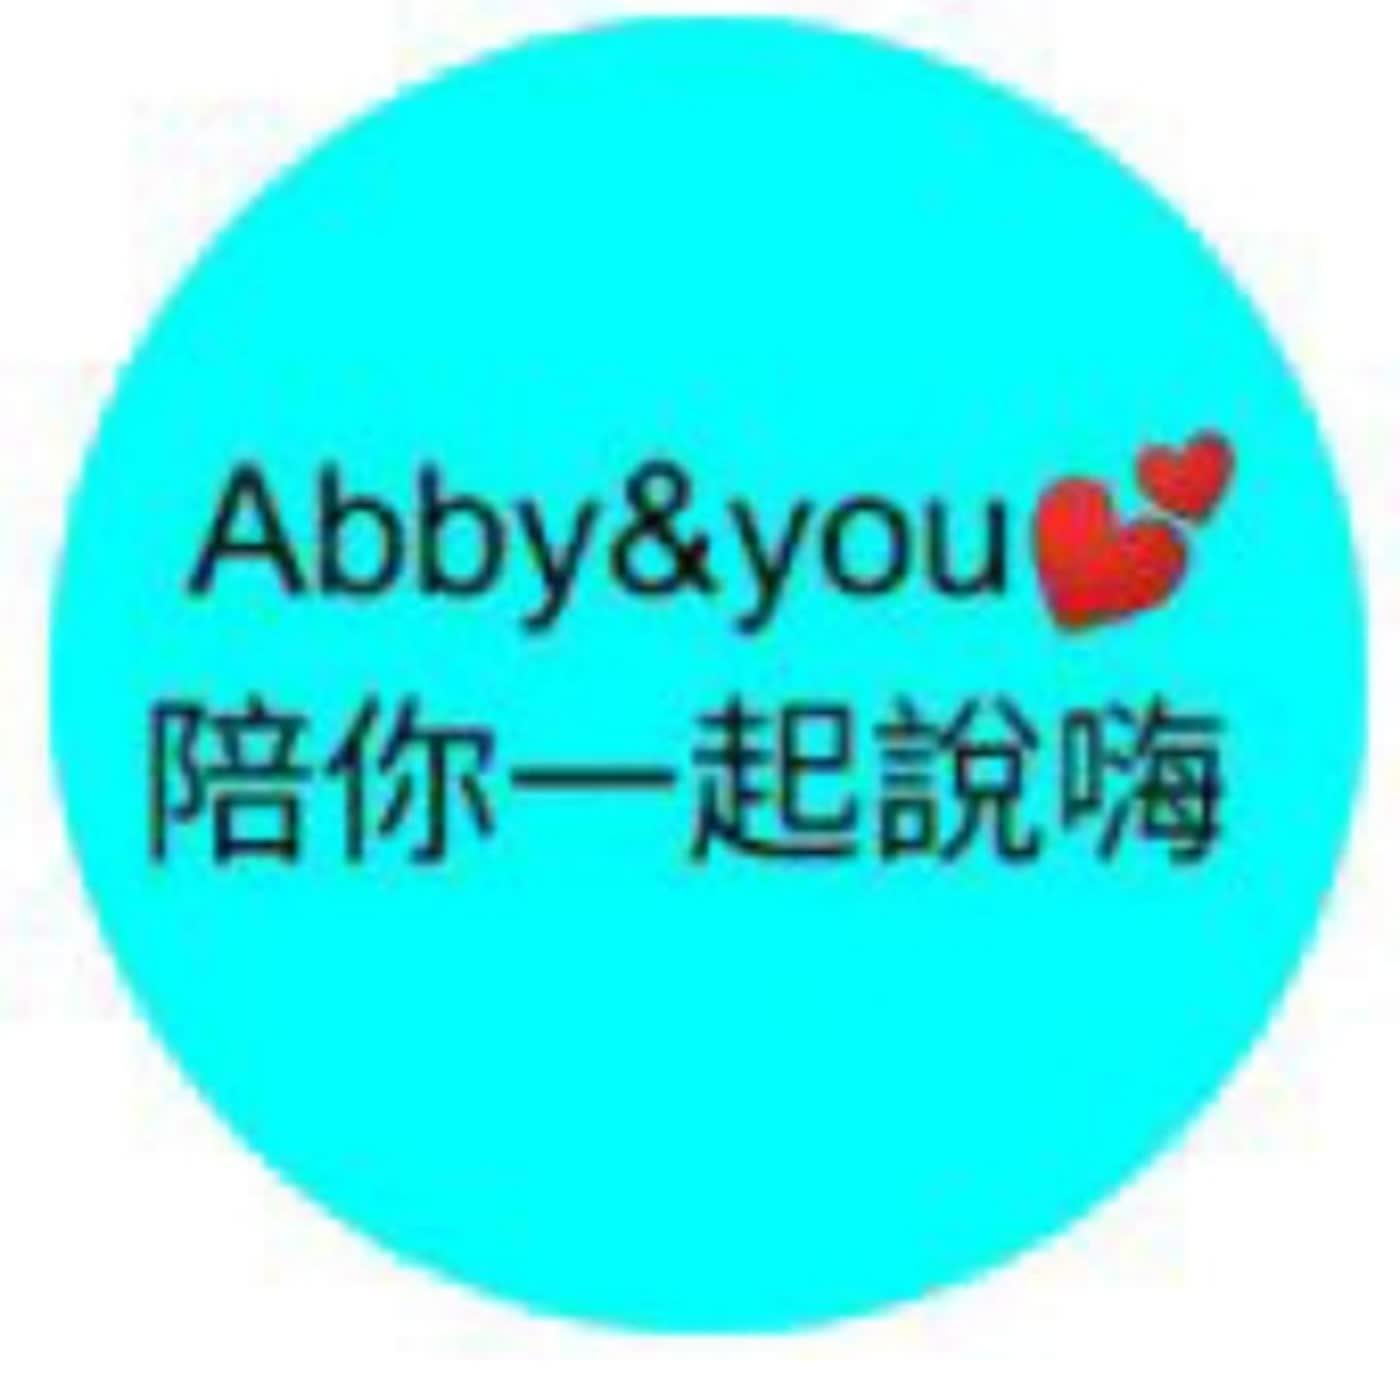 Abby&you陪你一起說嗨💕